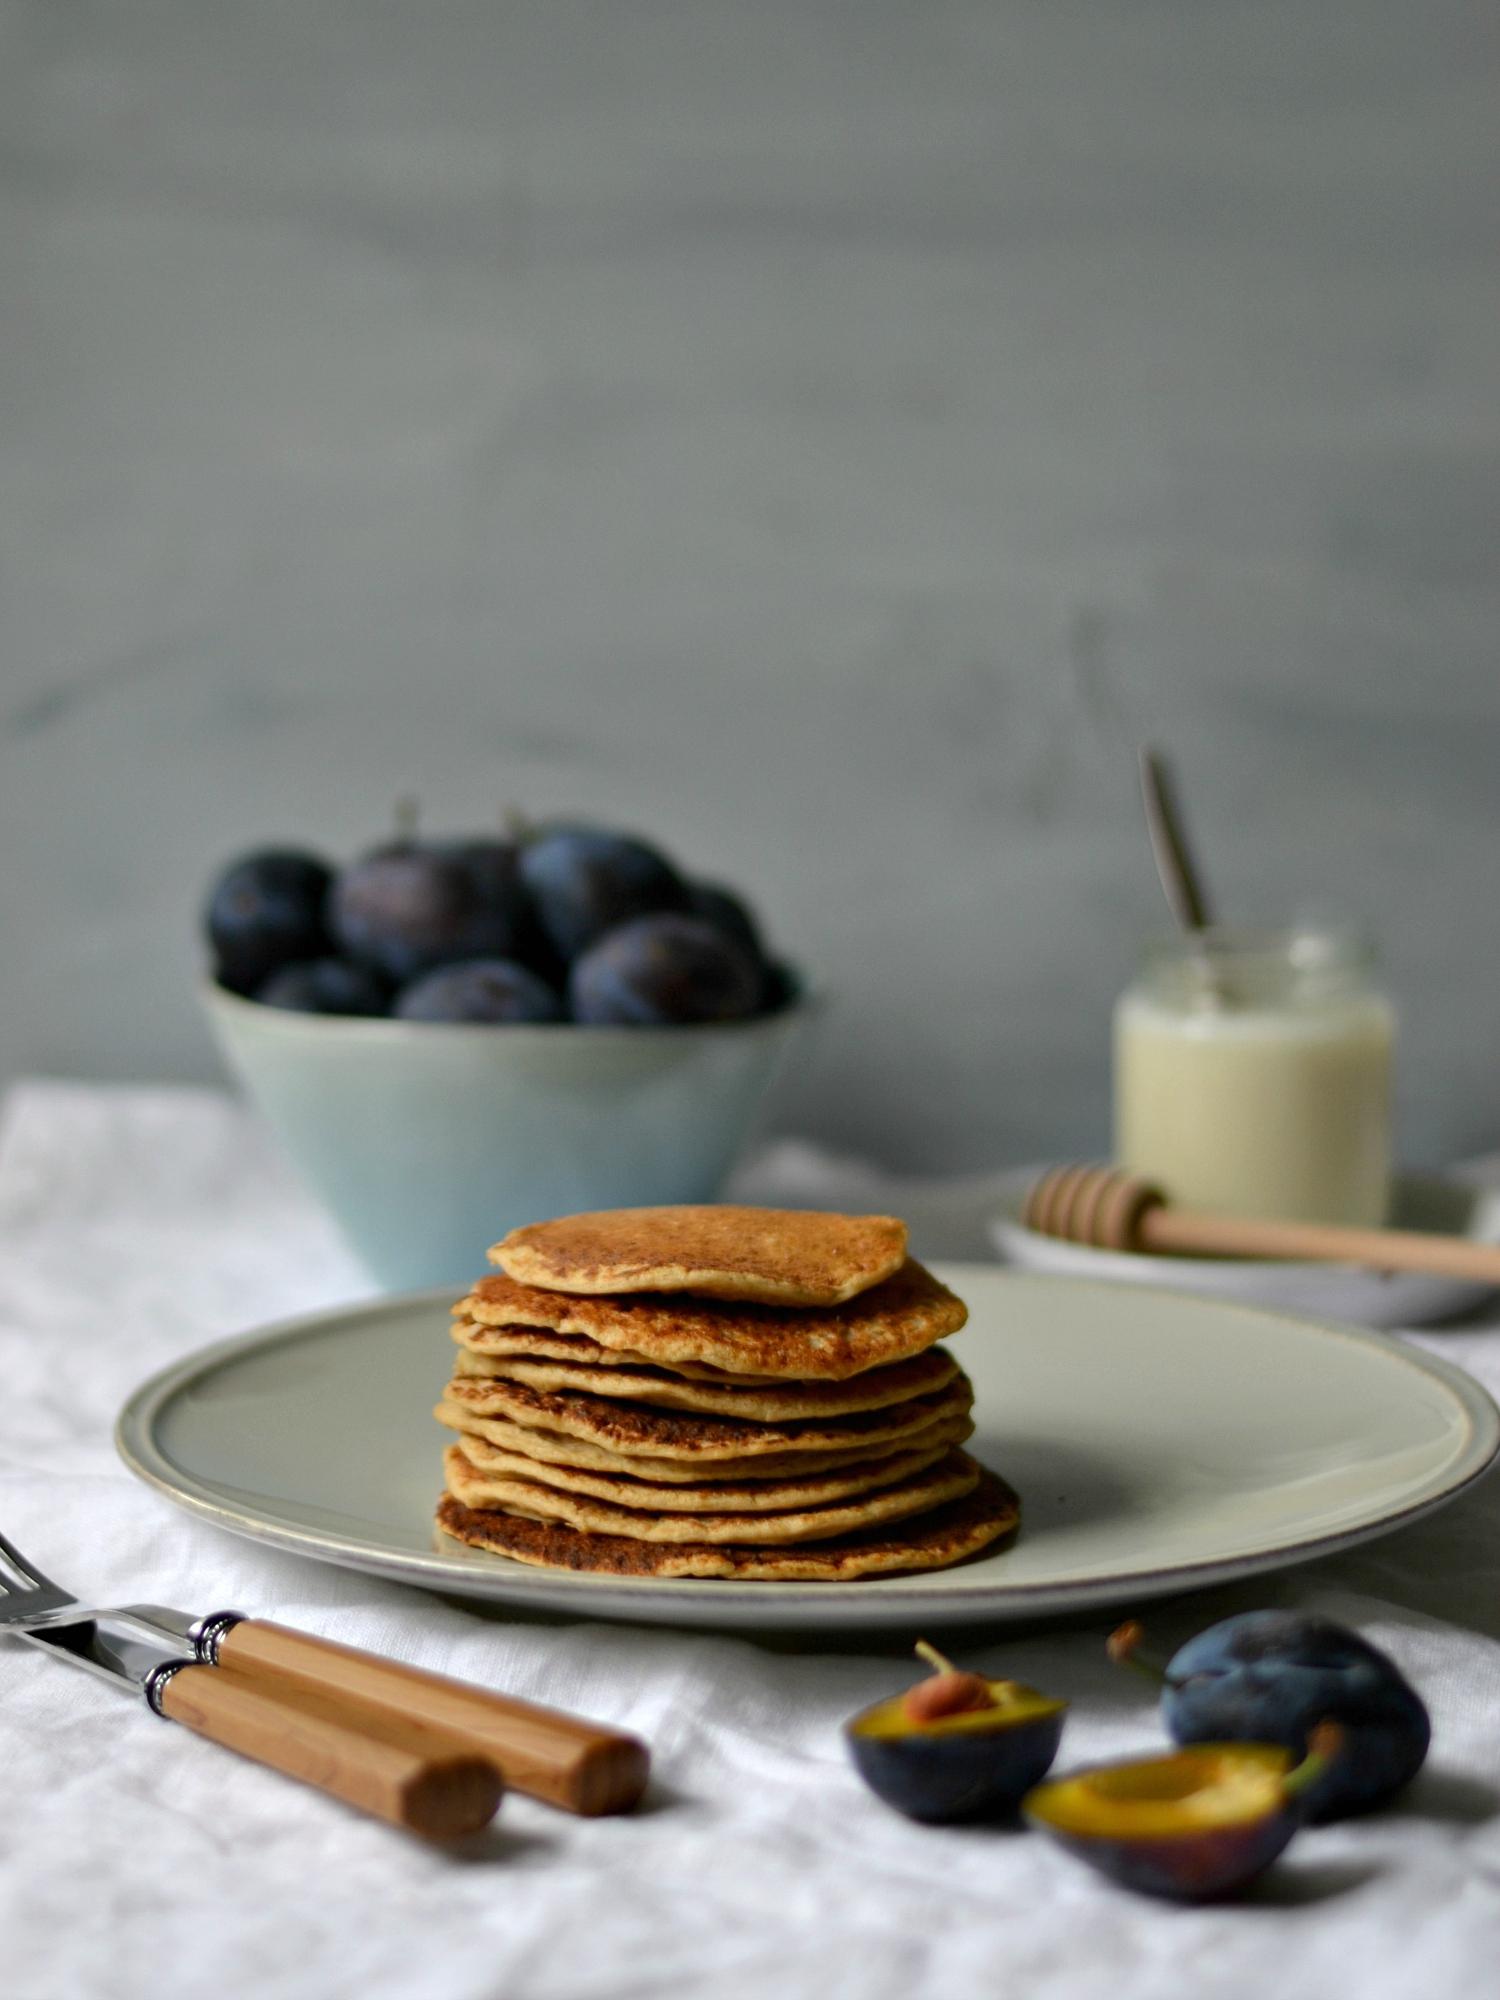 Compassionate Cuisine - Receitas vegetarianas - Panquecas Proteicas de Aveia